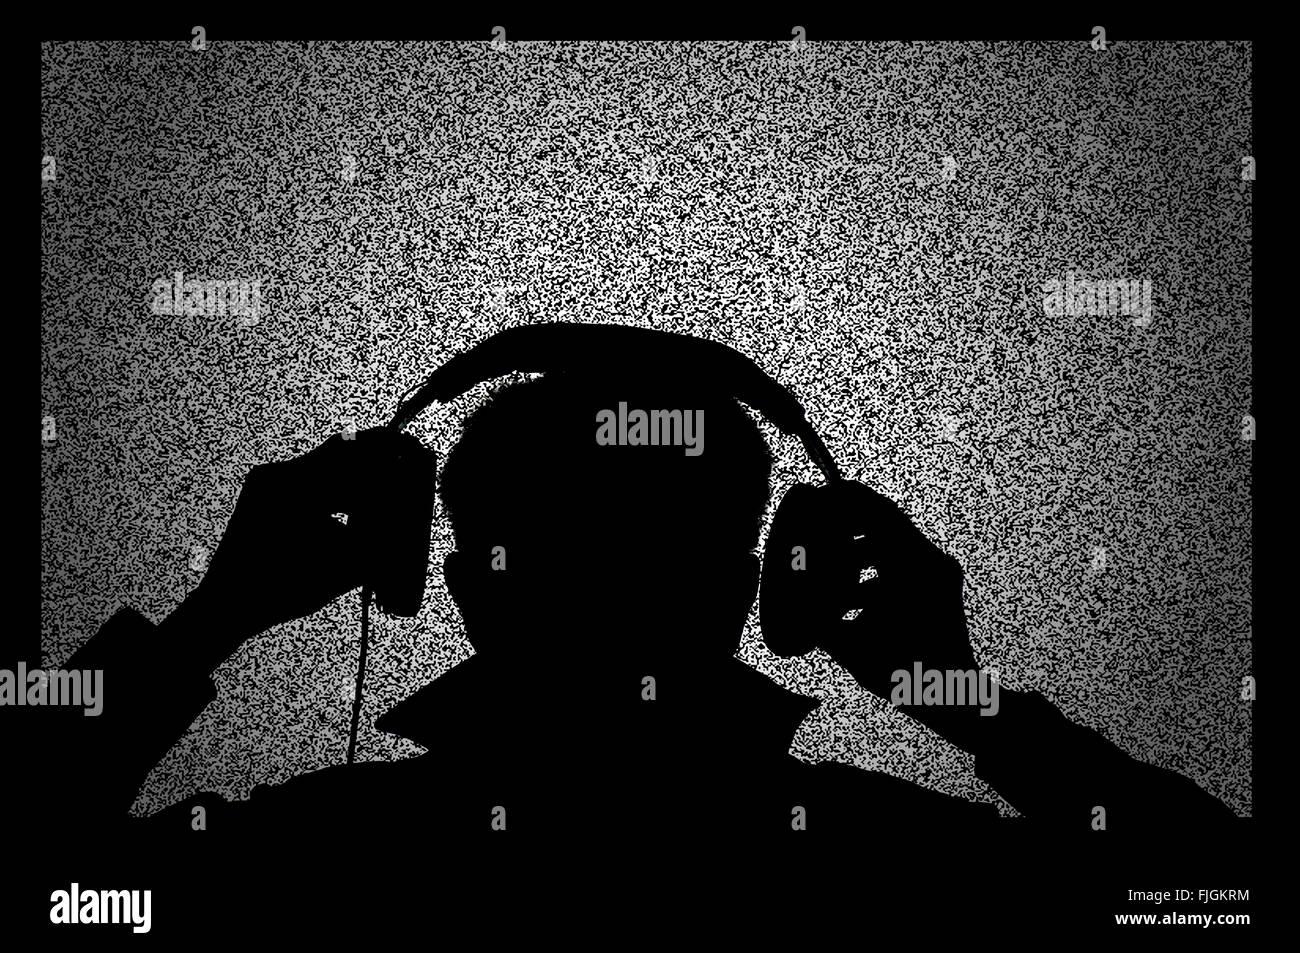 konzeptionelle computergenerierte Mann mit Kopfhörer und Bildschirm Stockbild